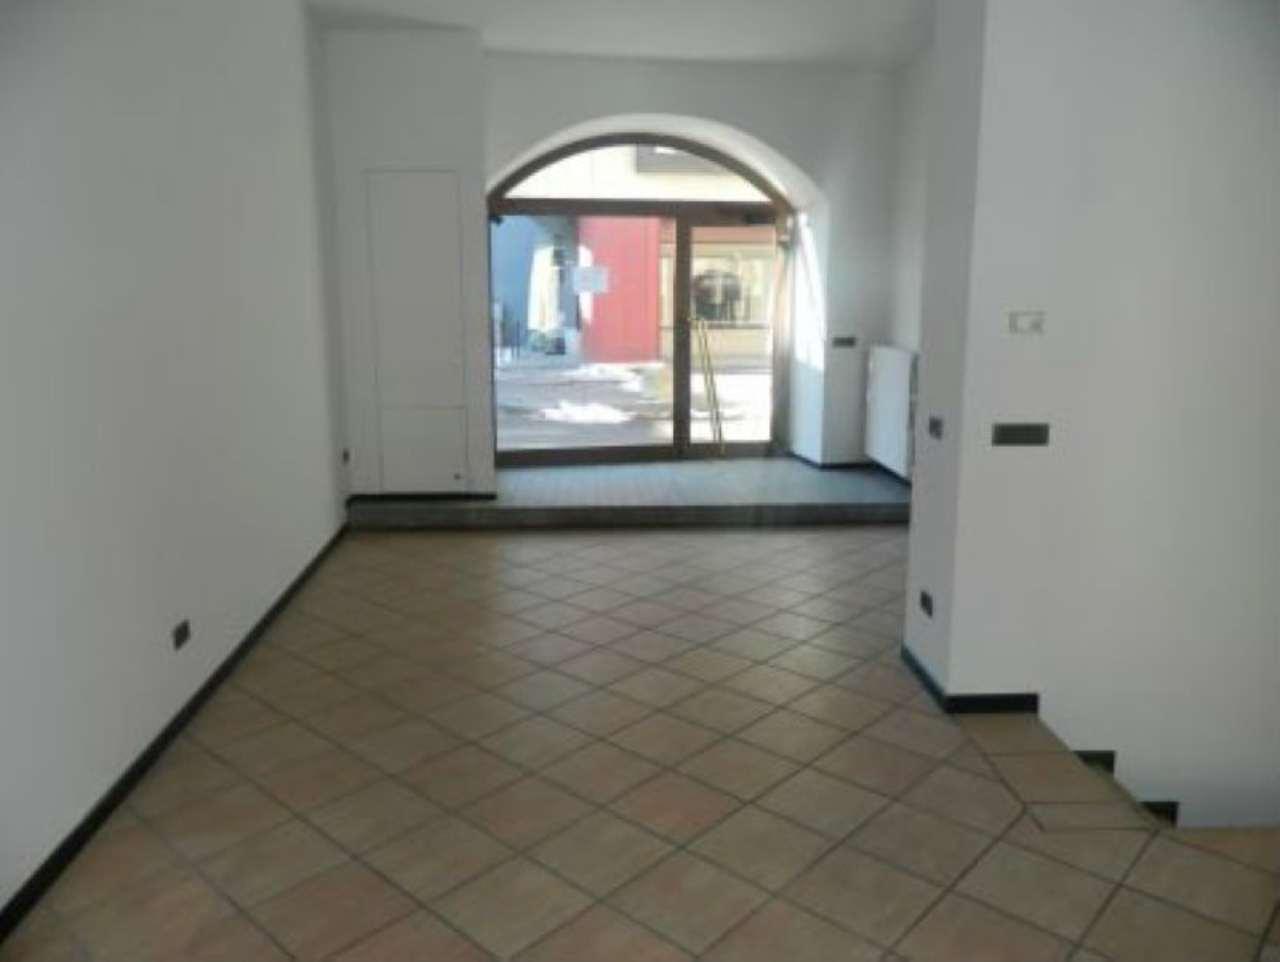 Negozio / Locale in vendita a Sondrio, 2 locali, prezzo € 100.000 | Cambio Casa.it